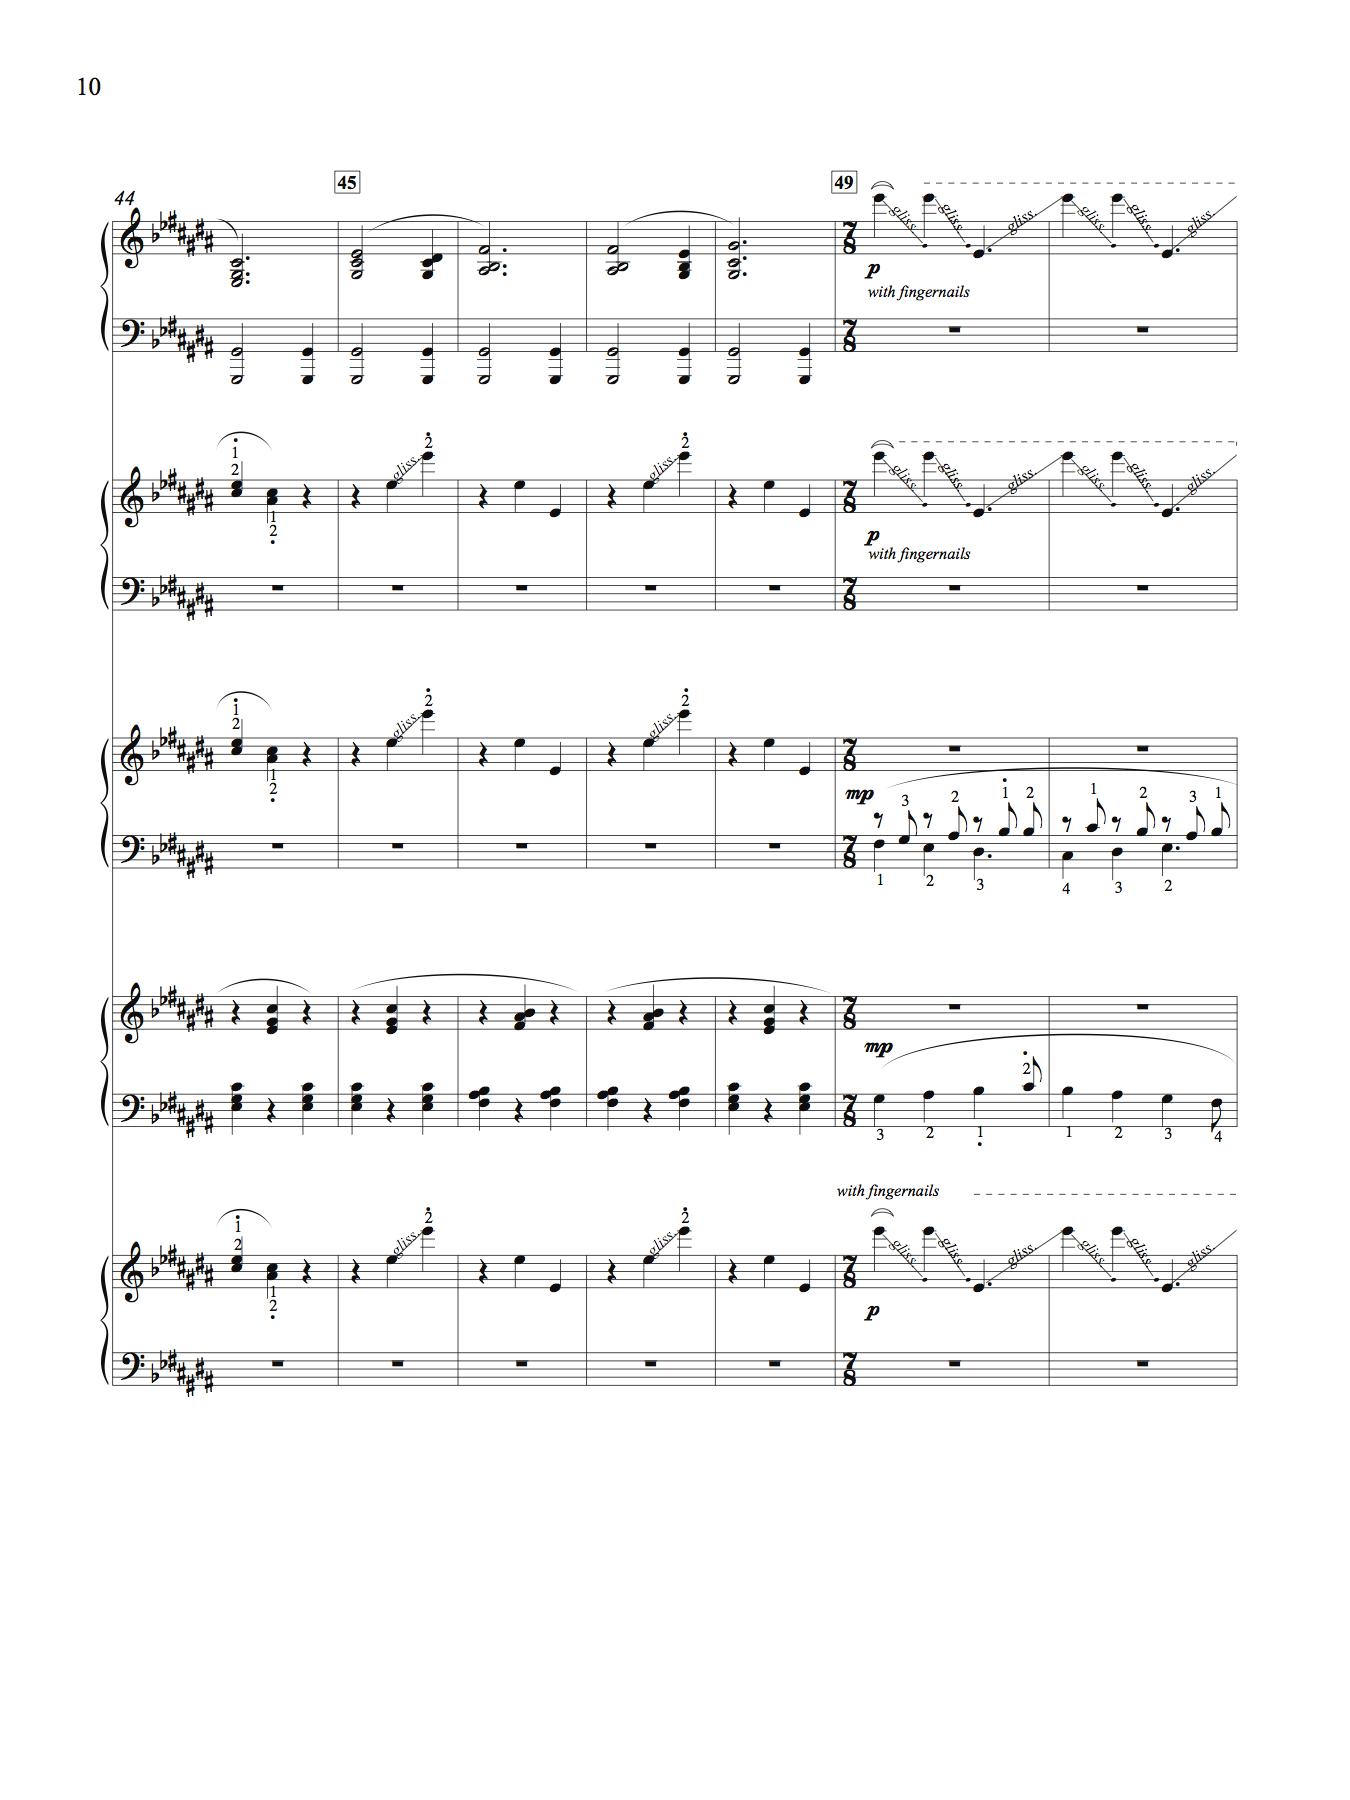 Rhythm song score p3.jpg